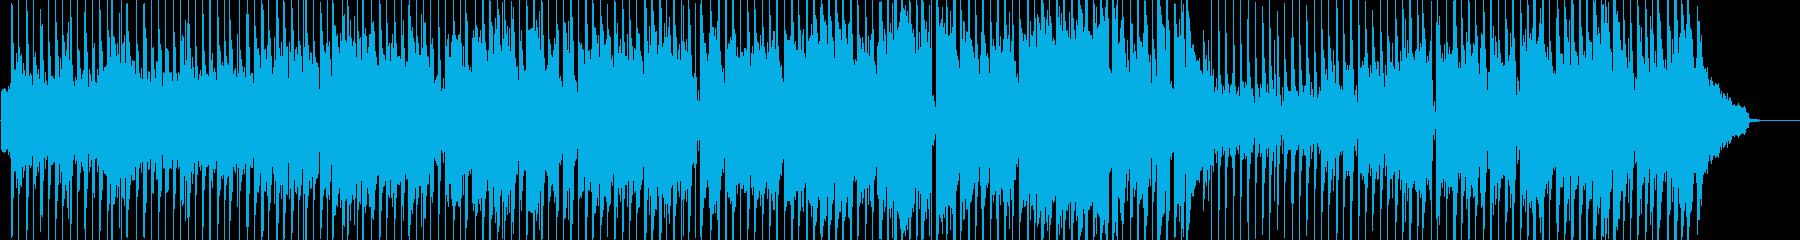 日常的・ほのぼの打楽器ポップス 短尺の再生済みの波形